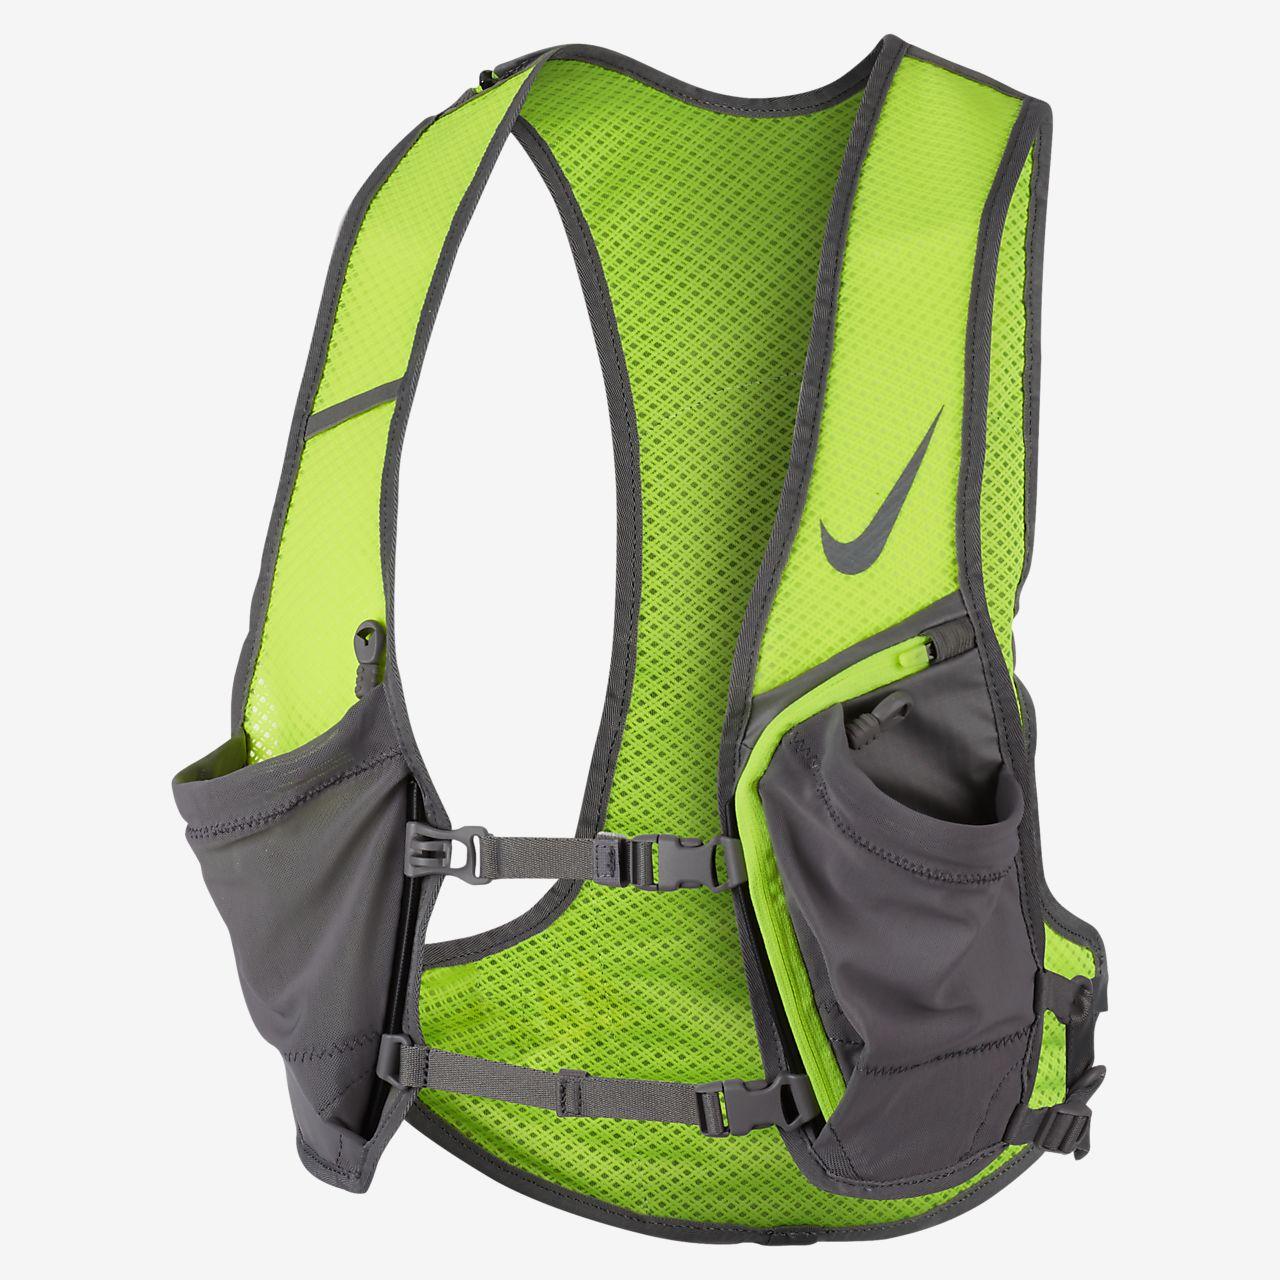 Veste sans manches de course Nike Hydration